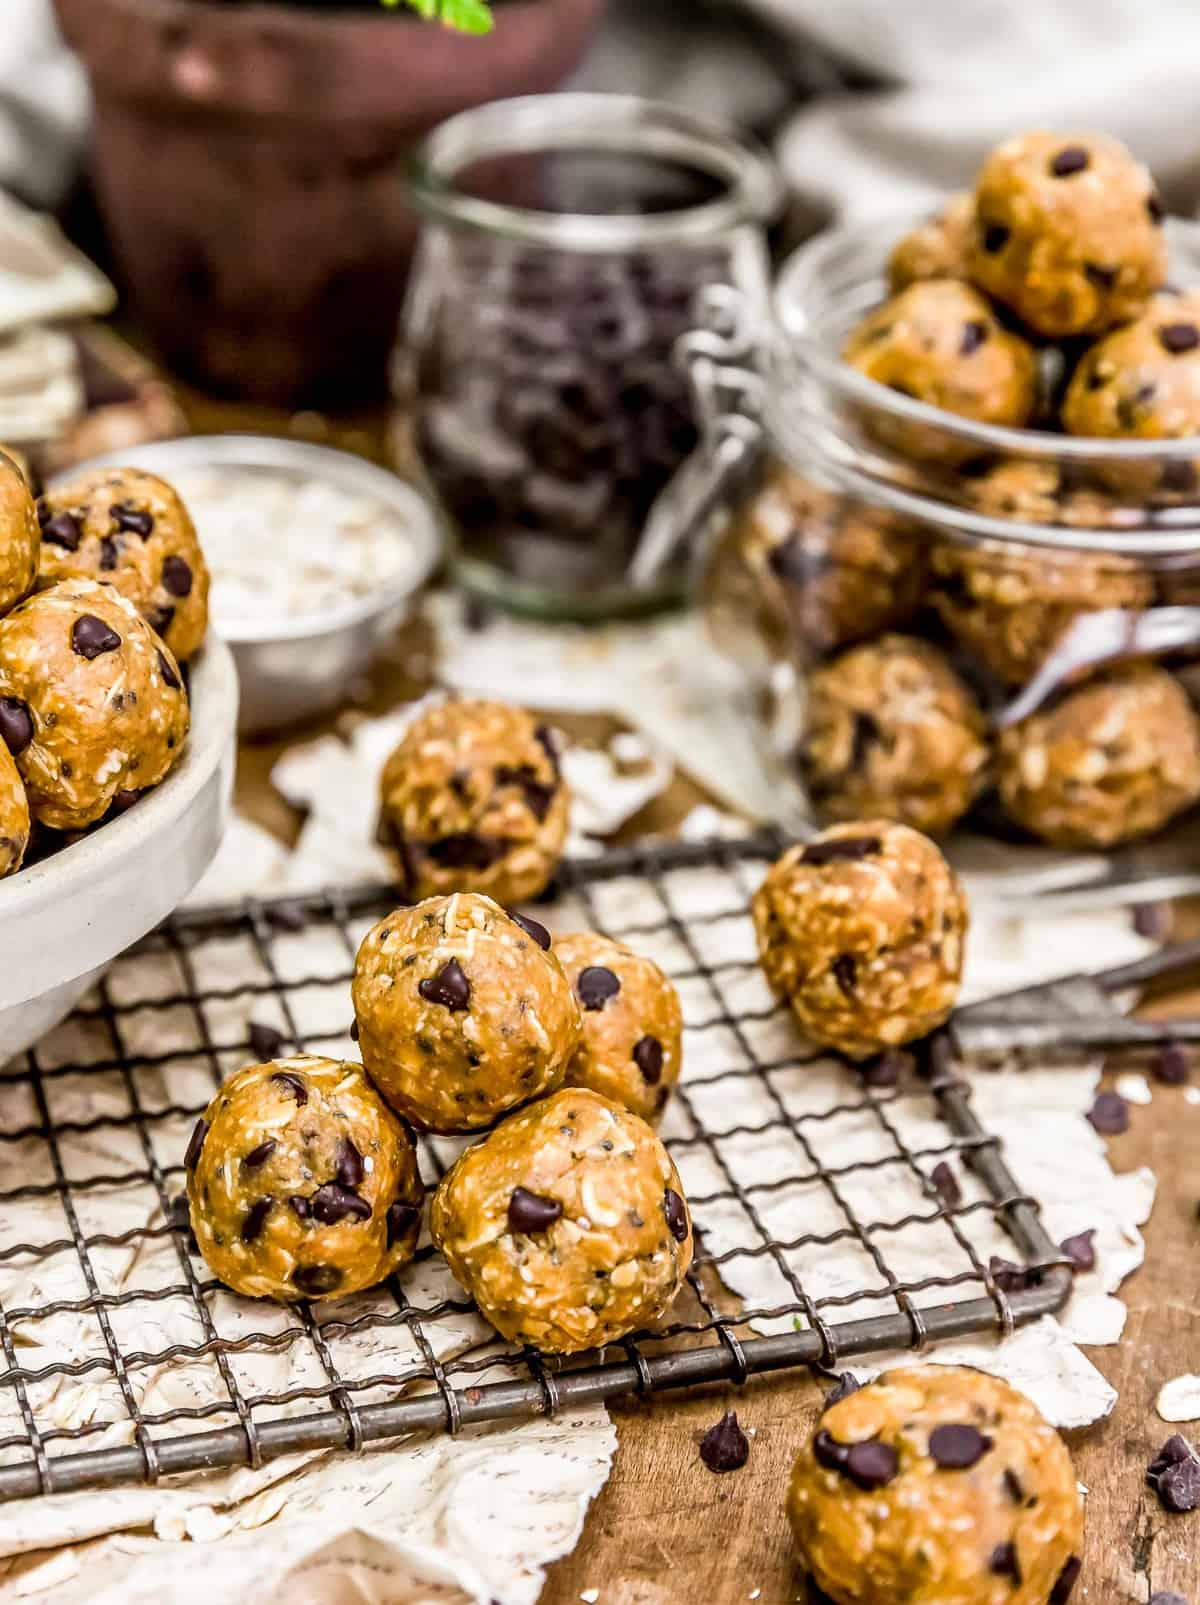 Jar and bowl of Vegan No-Bake Lactation Cookies